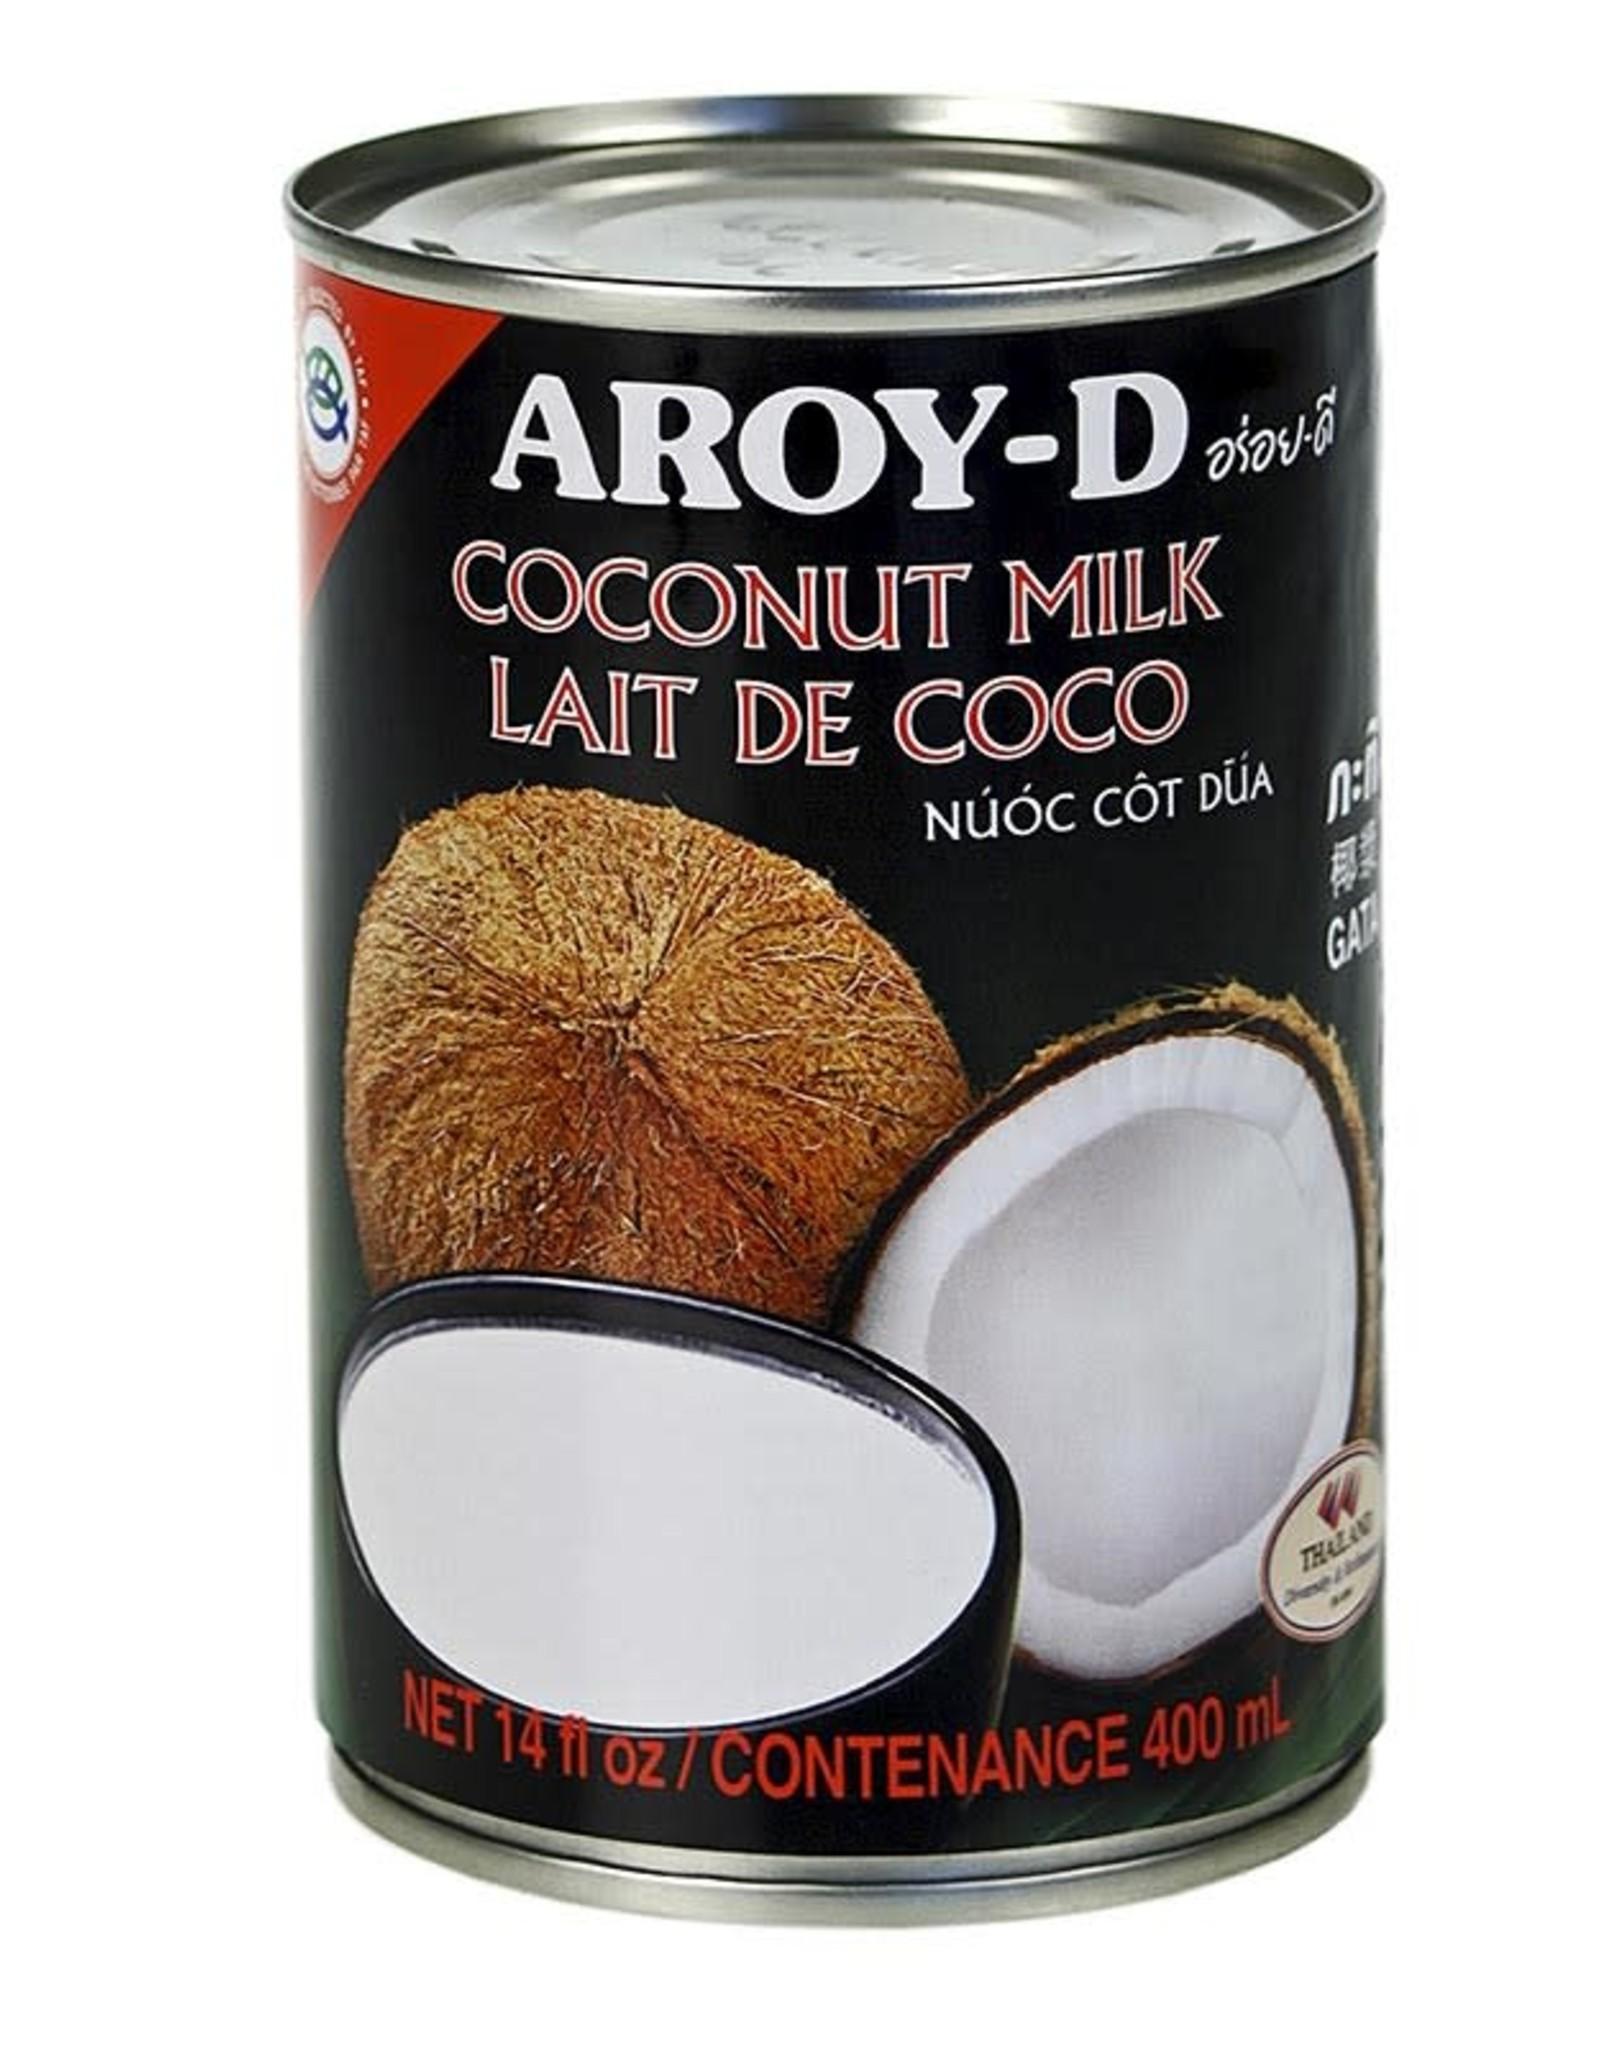 Aroy-D Aroy-D kokosmelk 17% Vet 400ml